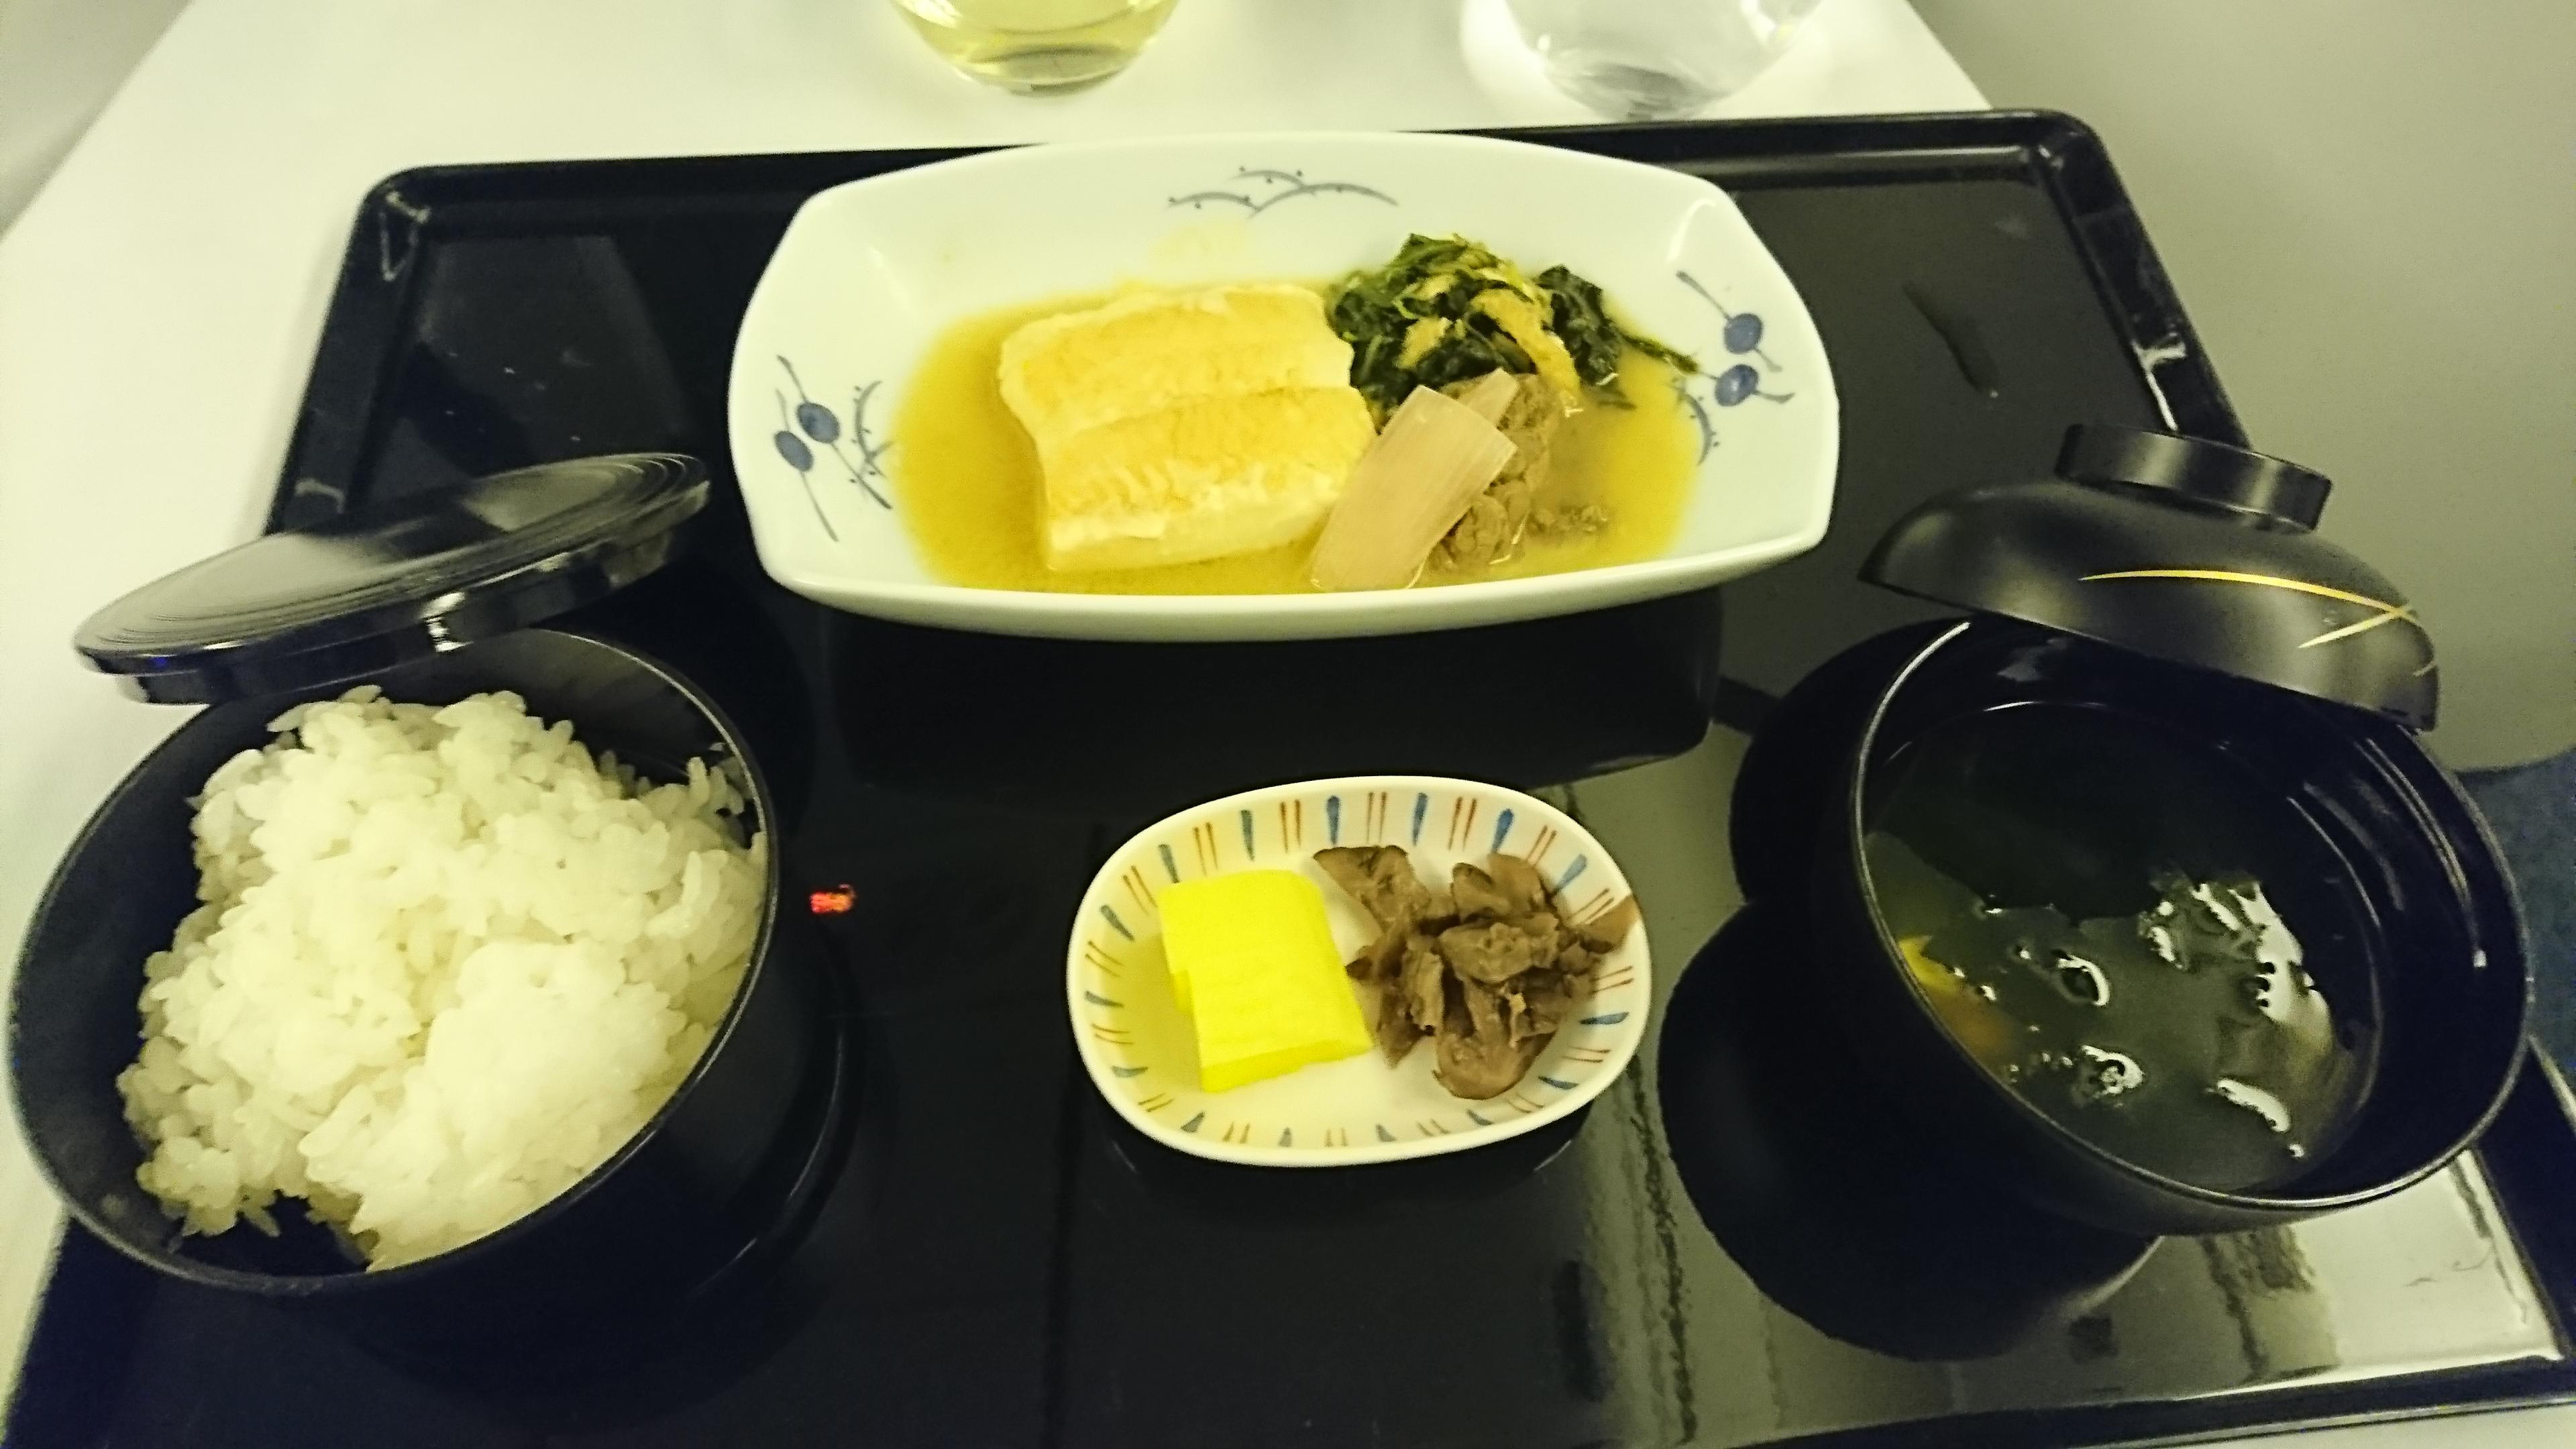 ANAビジネスクラス機内食の和食メイン